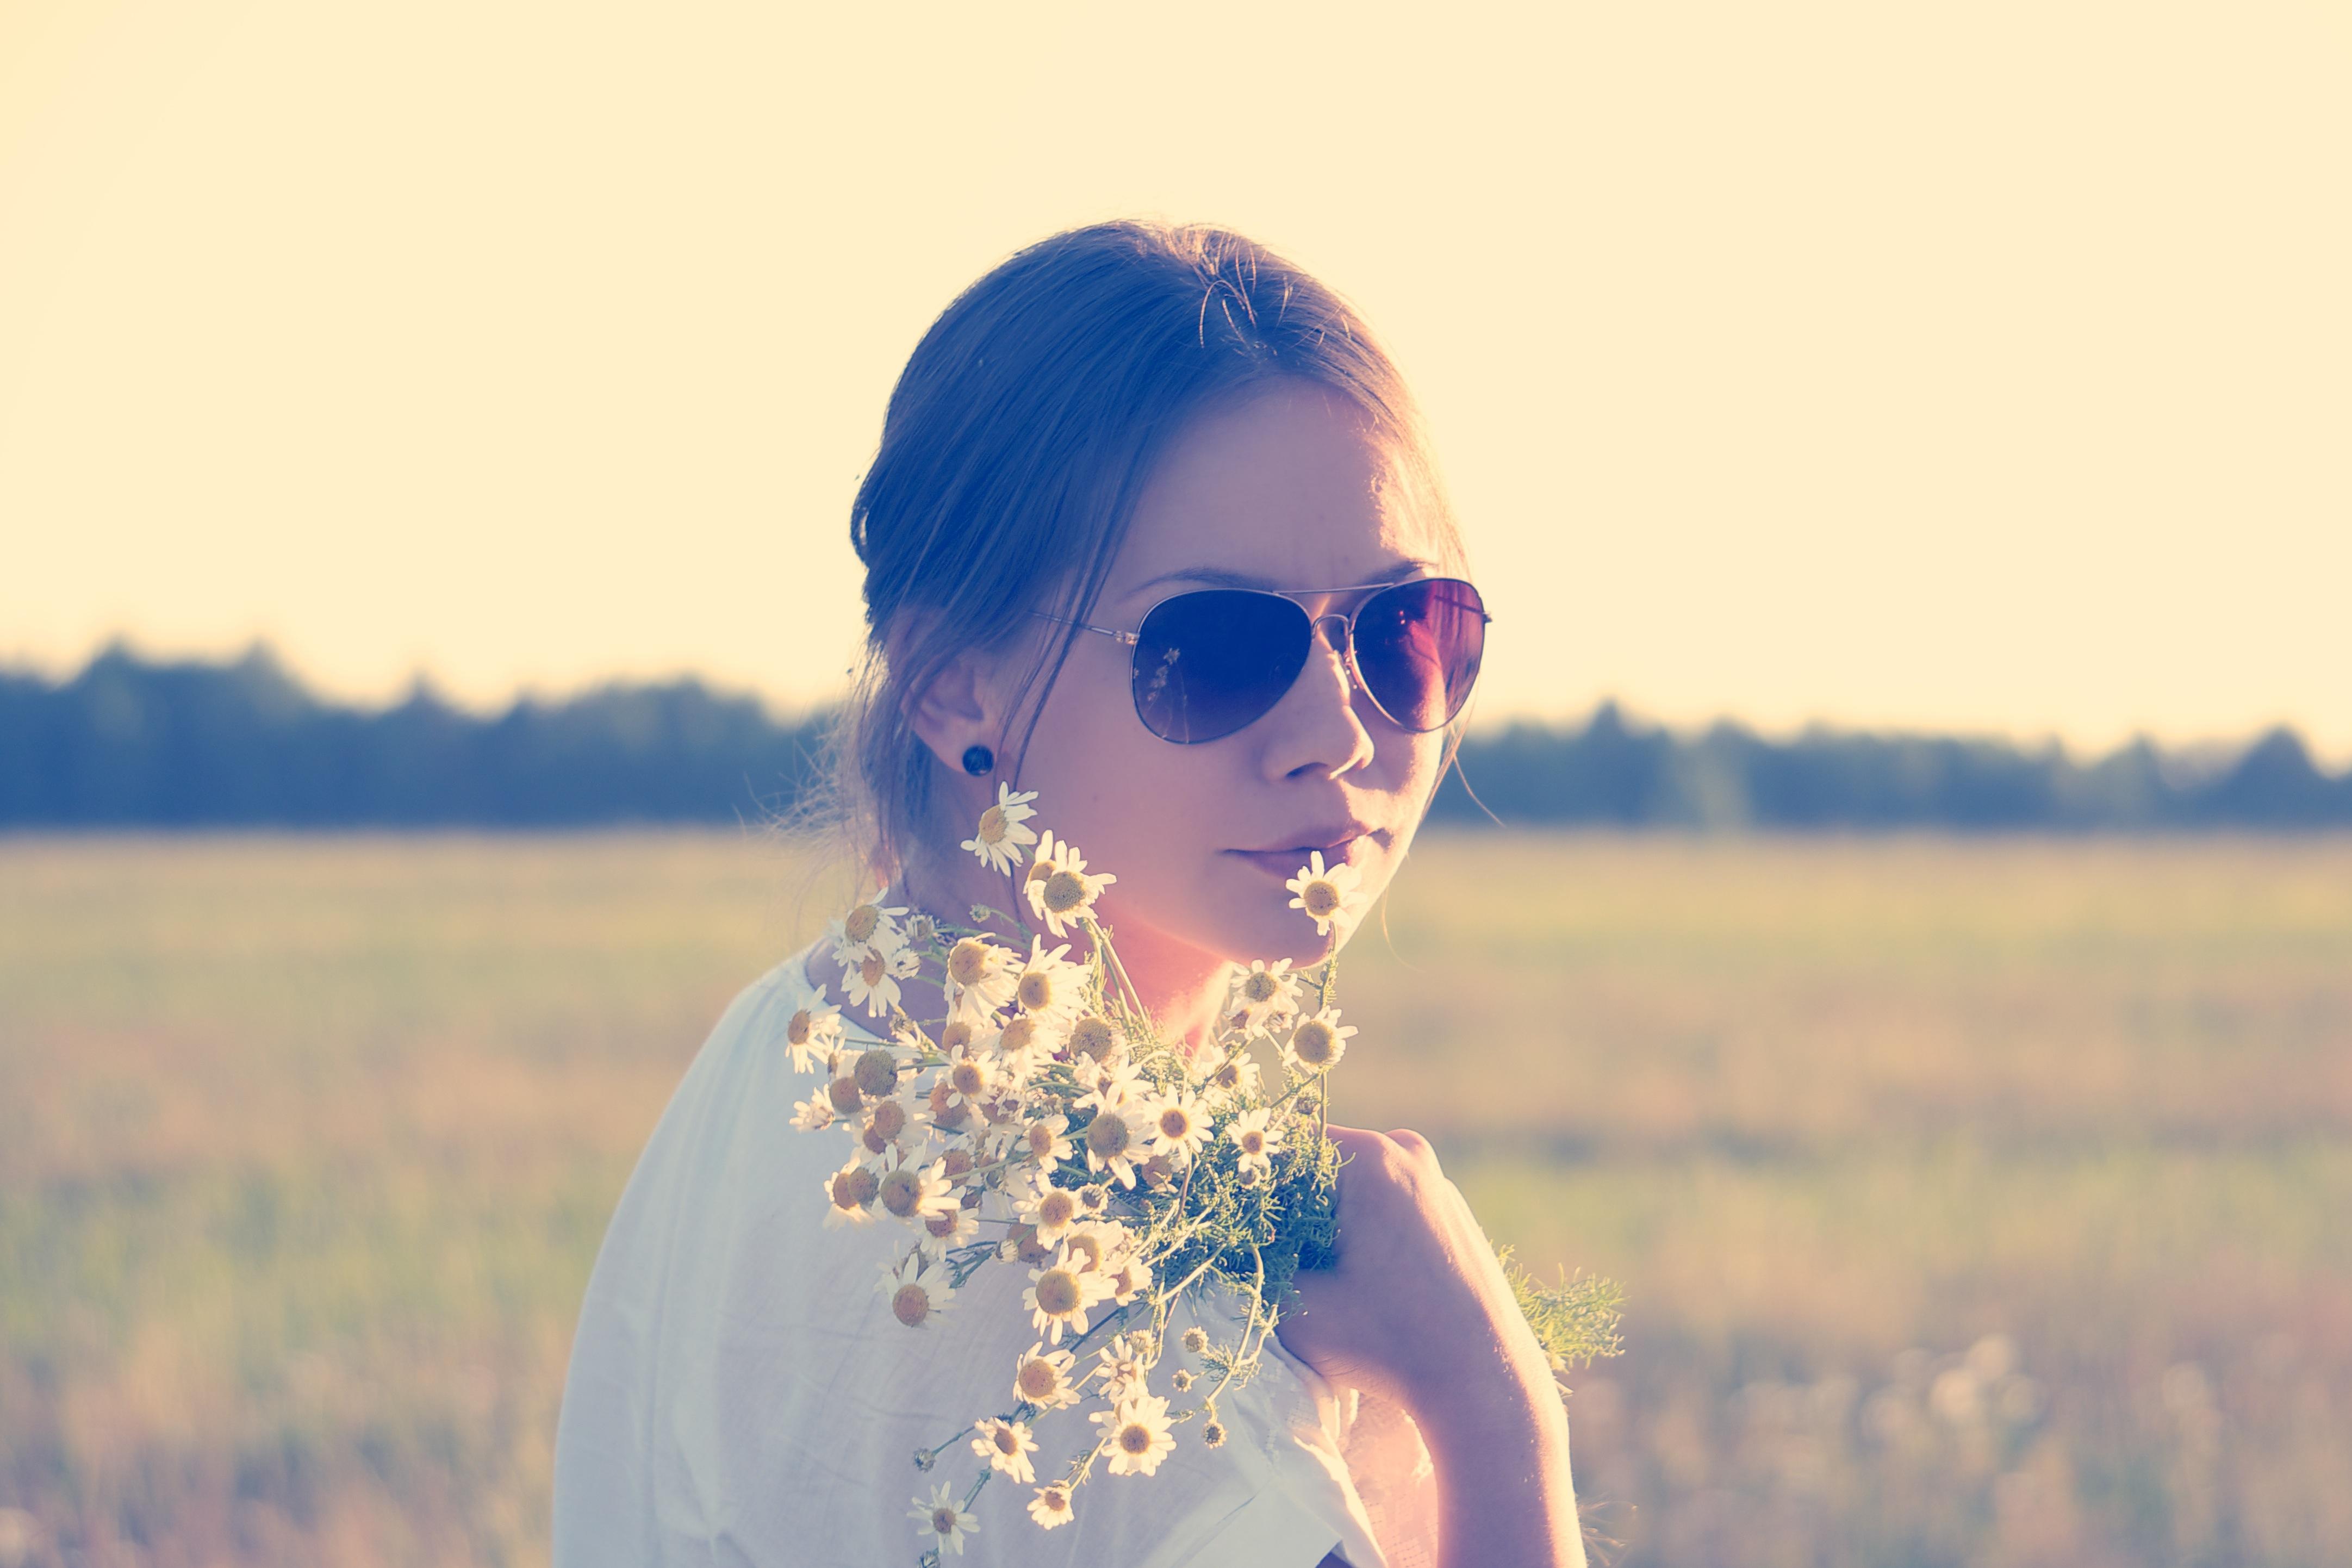 girl-flowers-1